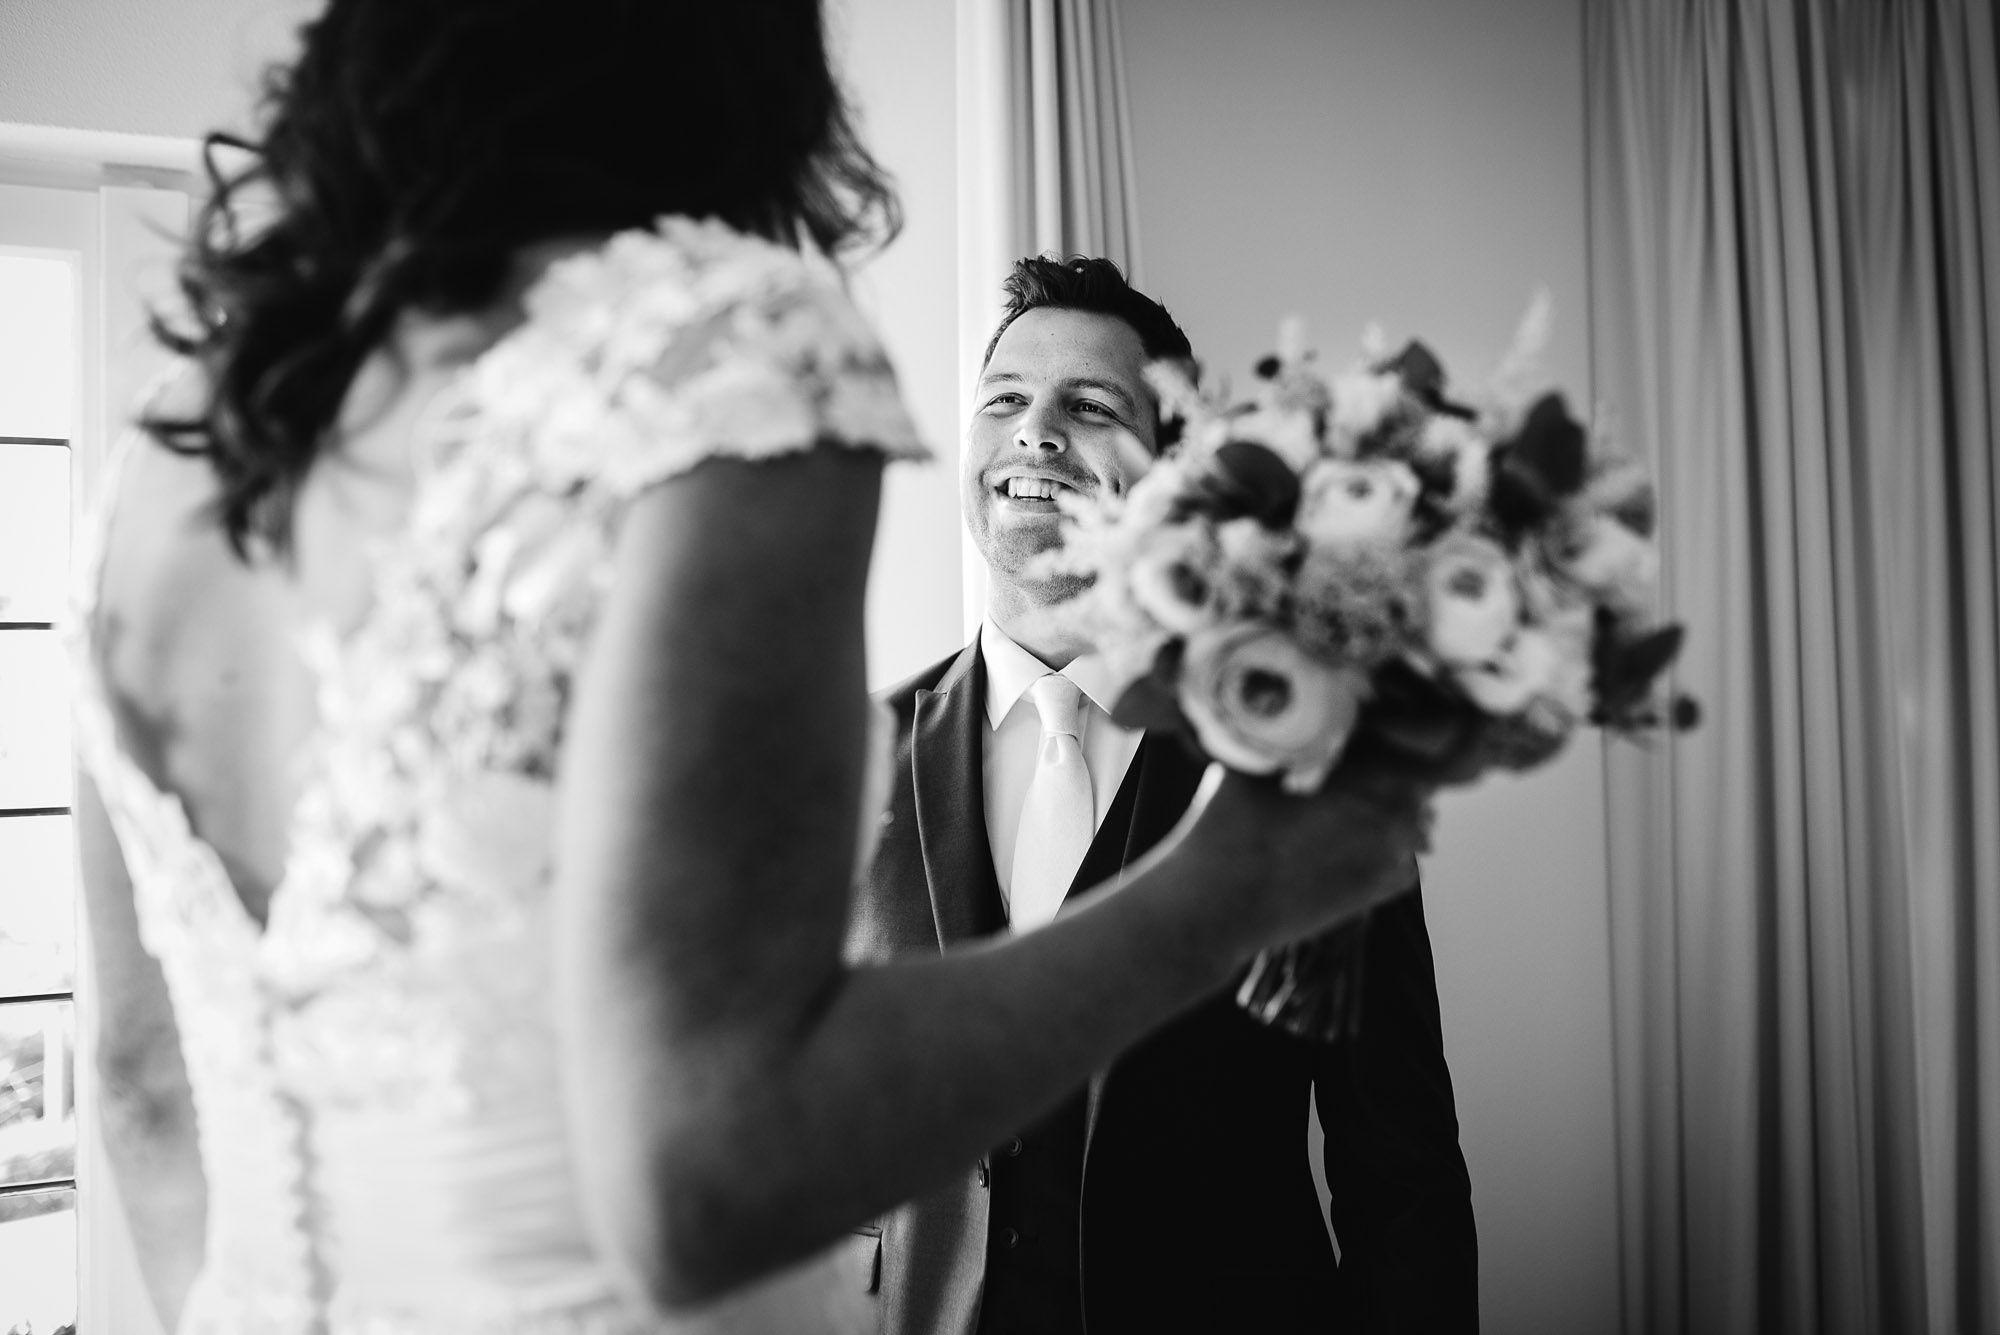 Bruidsfotograaf-Sittard-journalistieke-bruidsfotografie-022.jpg